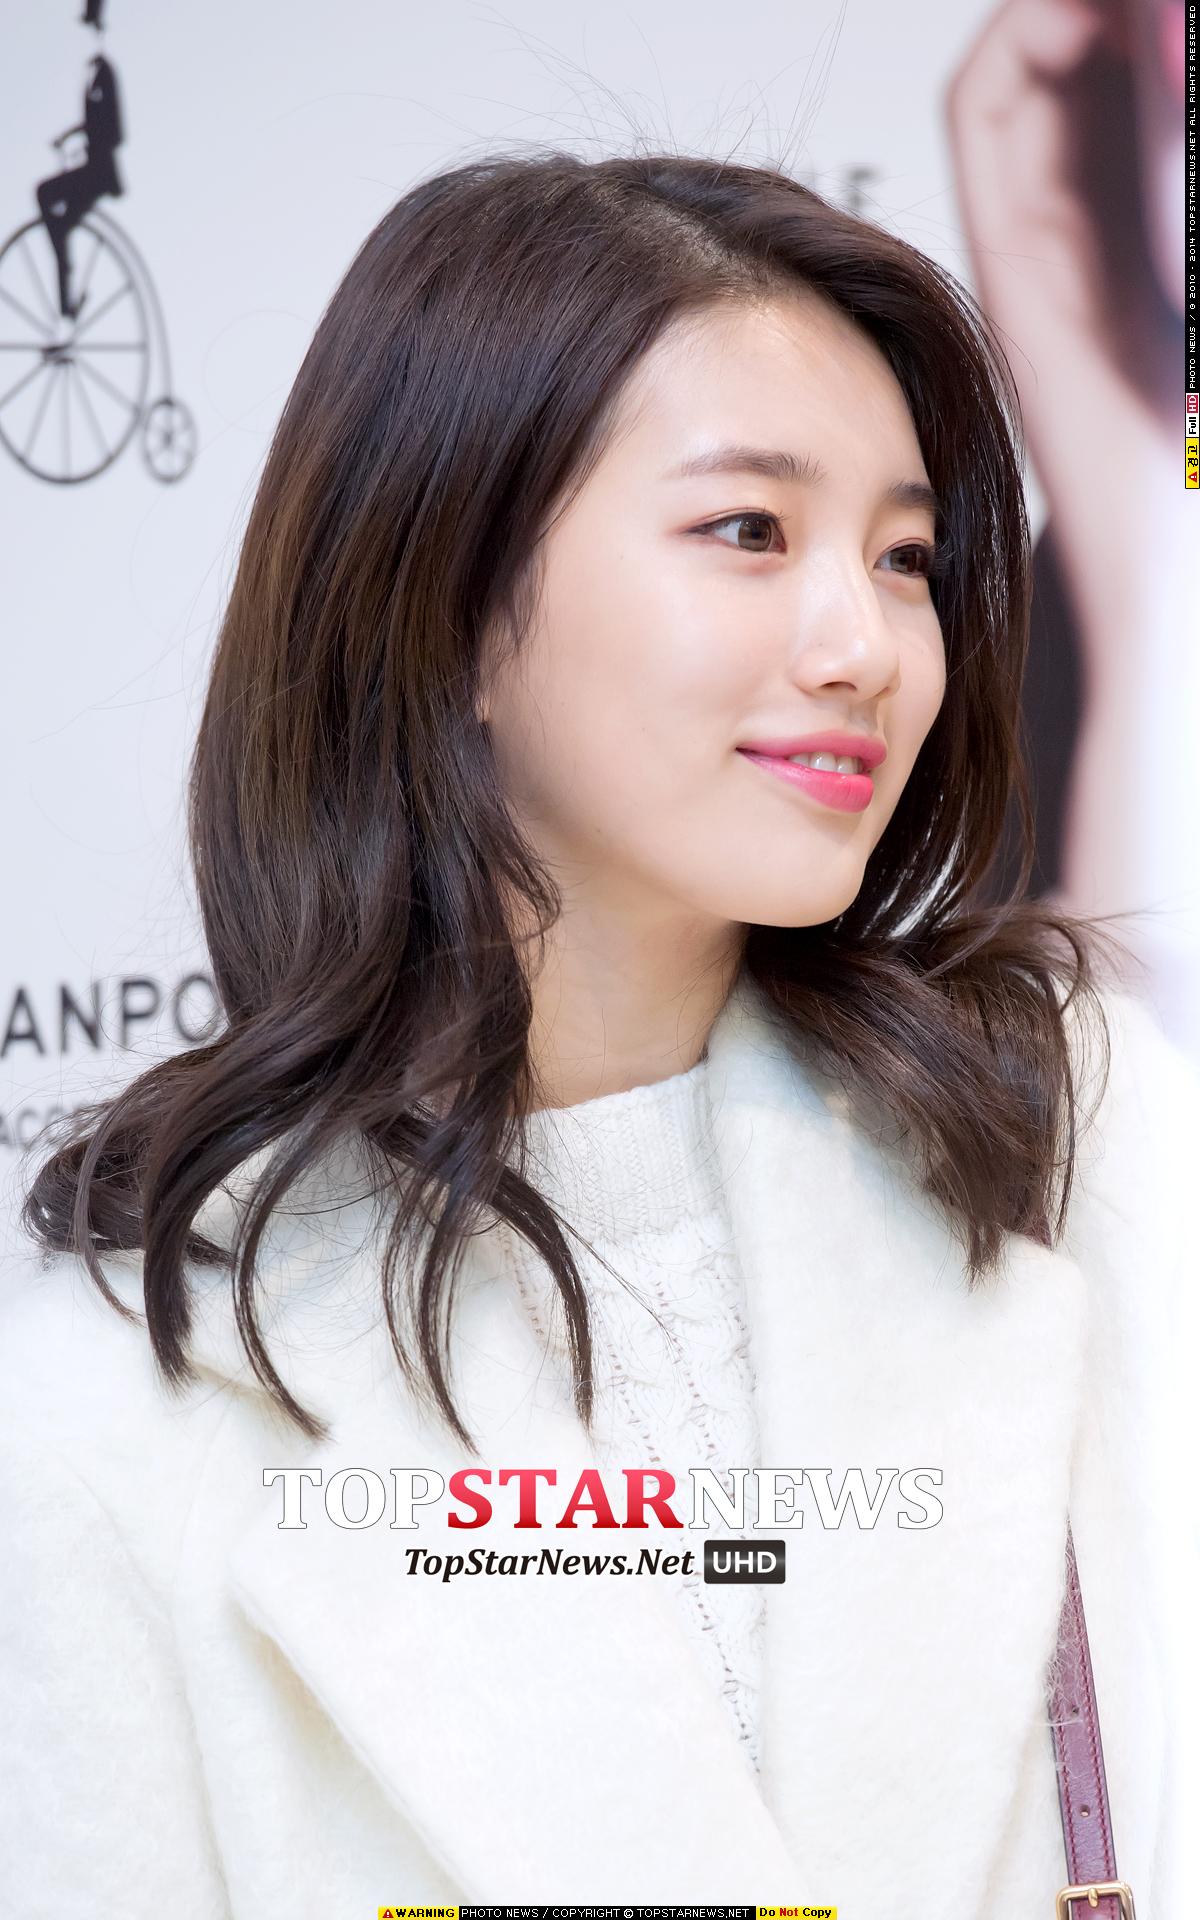 1.秀智 韓國媒體也說秀智的側臉是不一般的水準XD